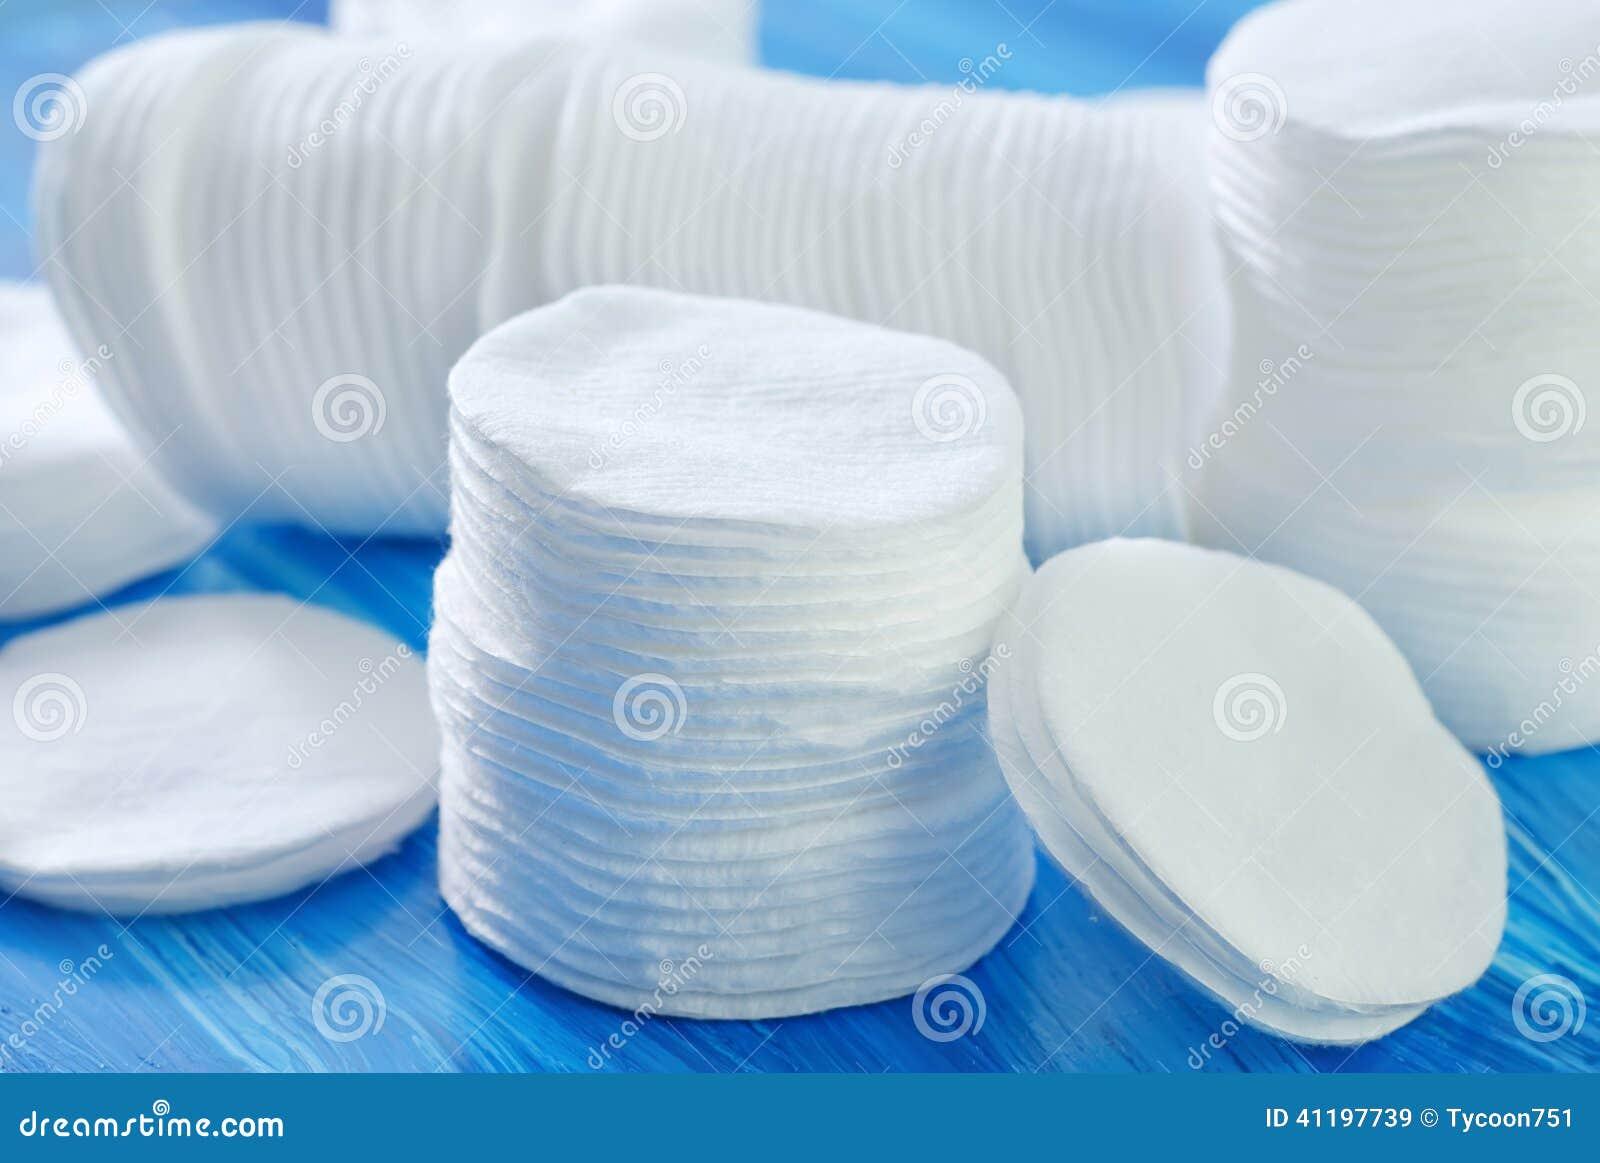 Disque de coton